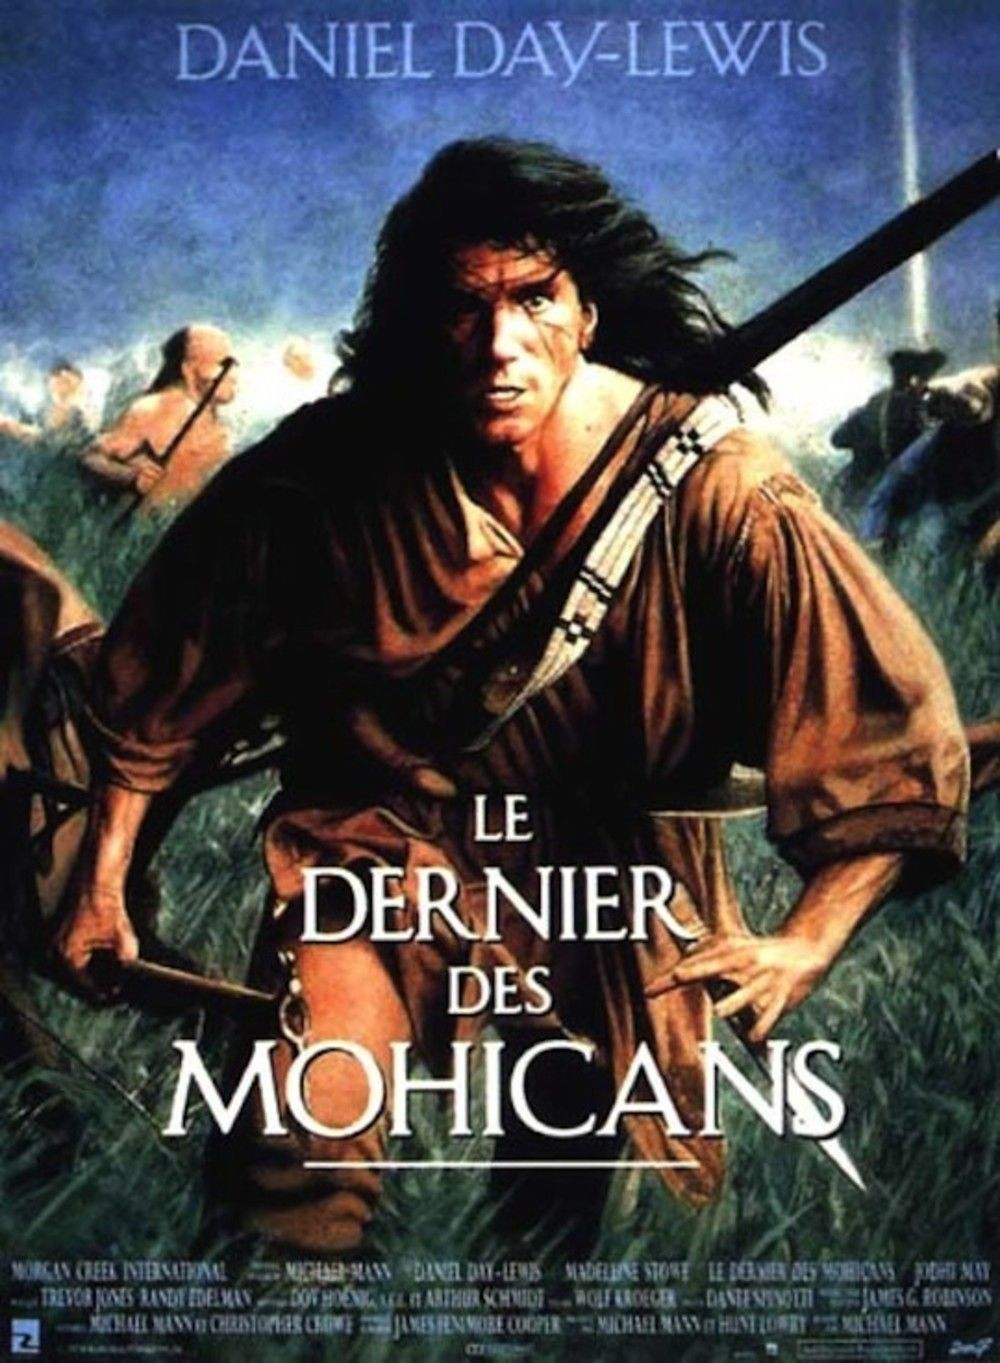 Le dernier des Mohicans [The Last of the Mohicans] - Michael Mann